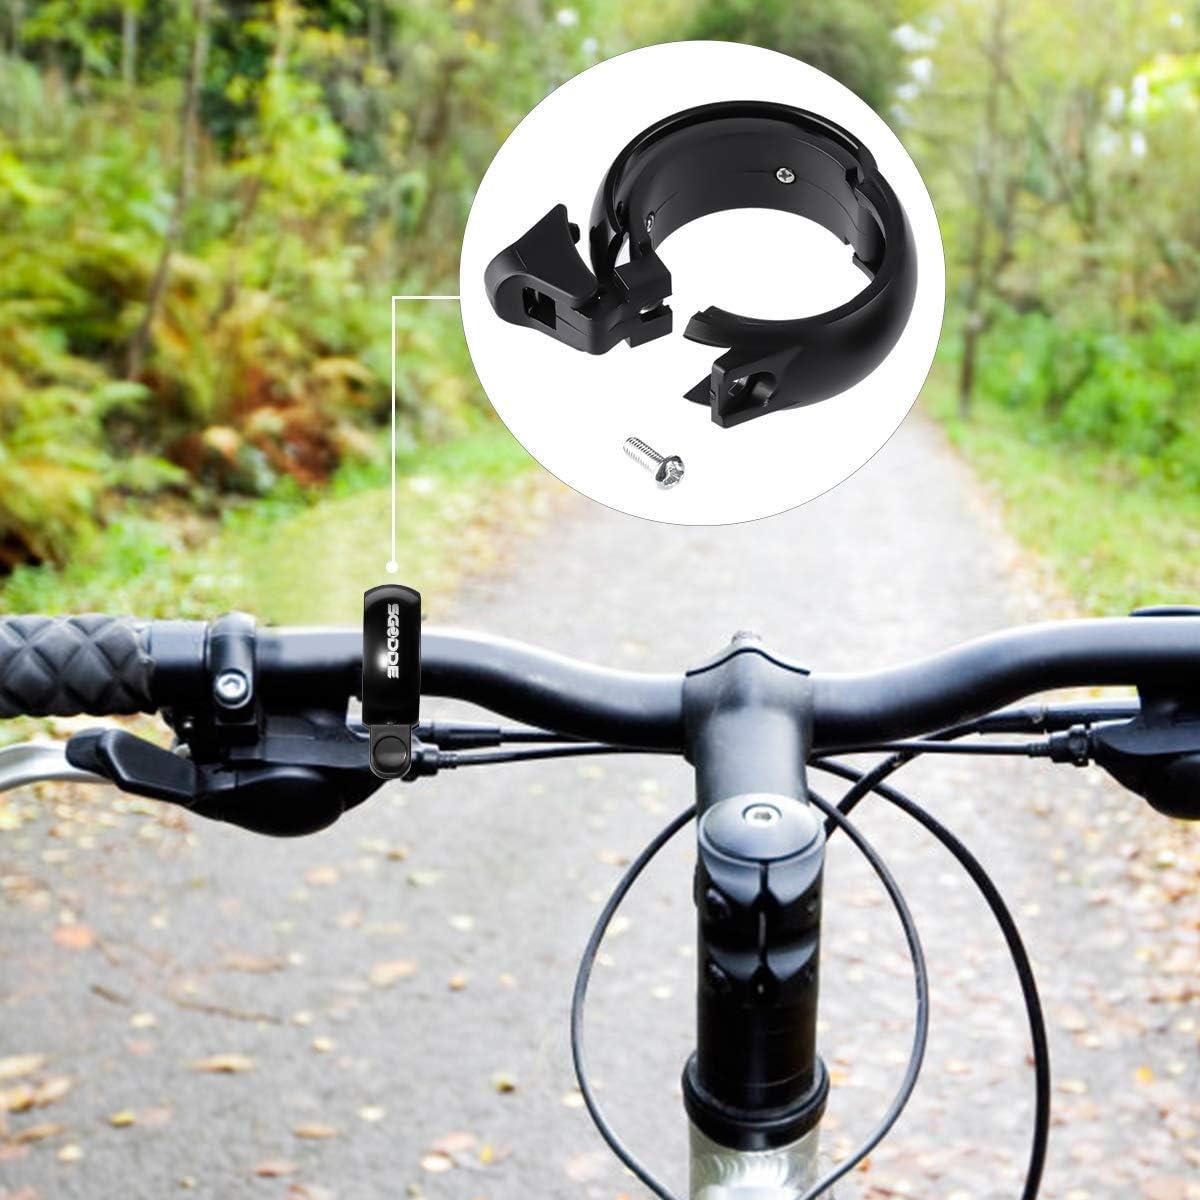 trekking vélo sonnette Noir 1 pièces Vélo sonnette miniglocke acier pour vtt